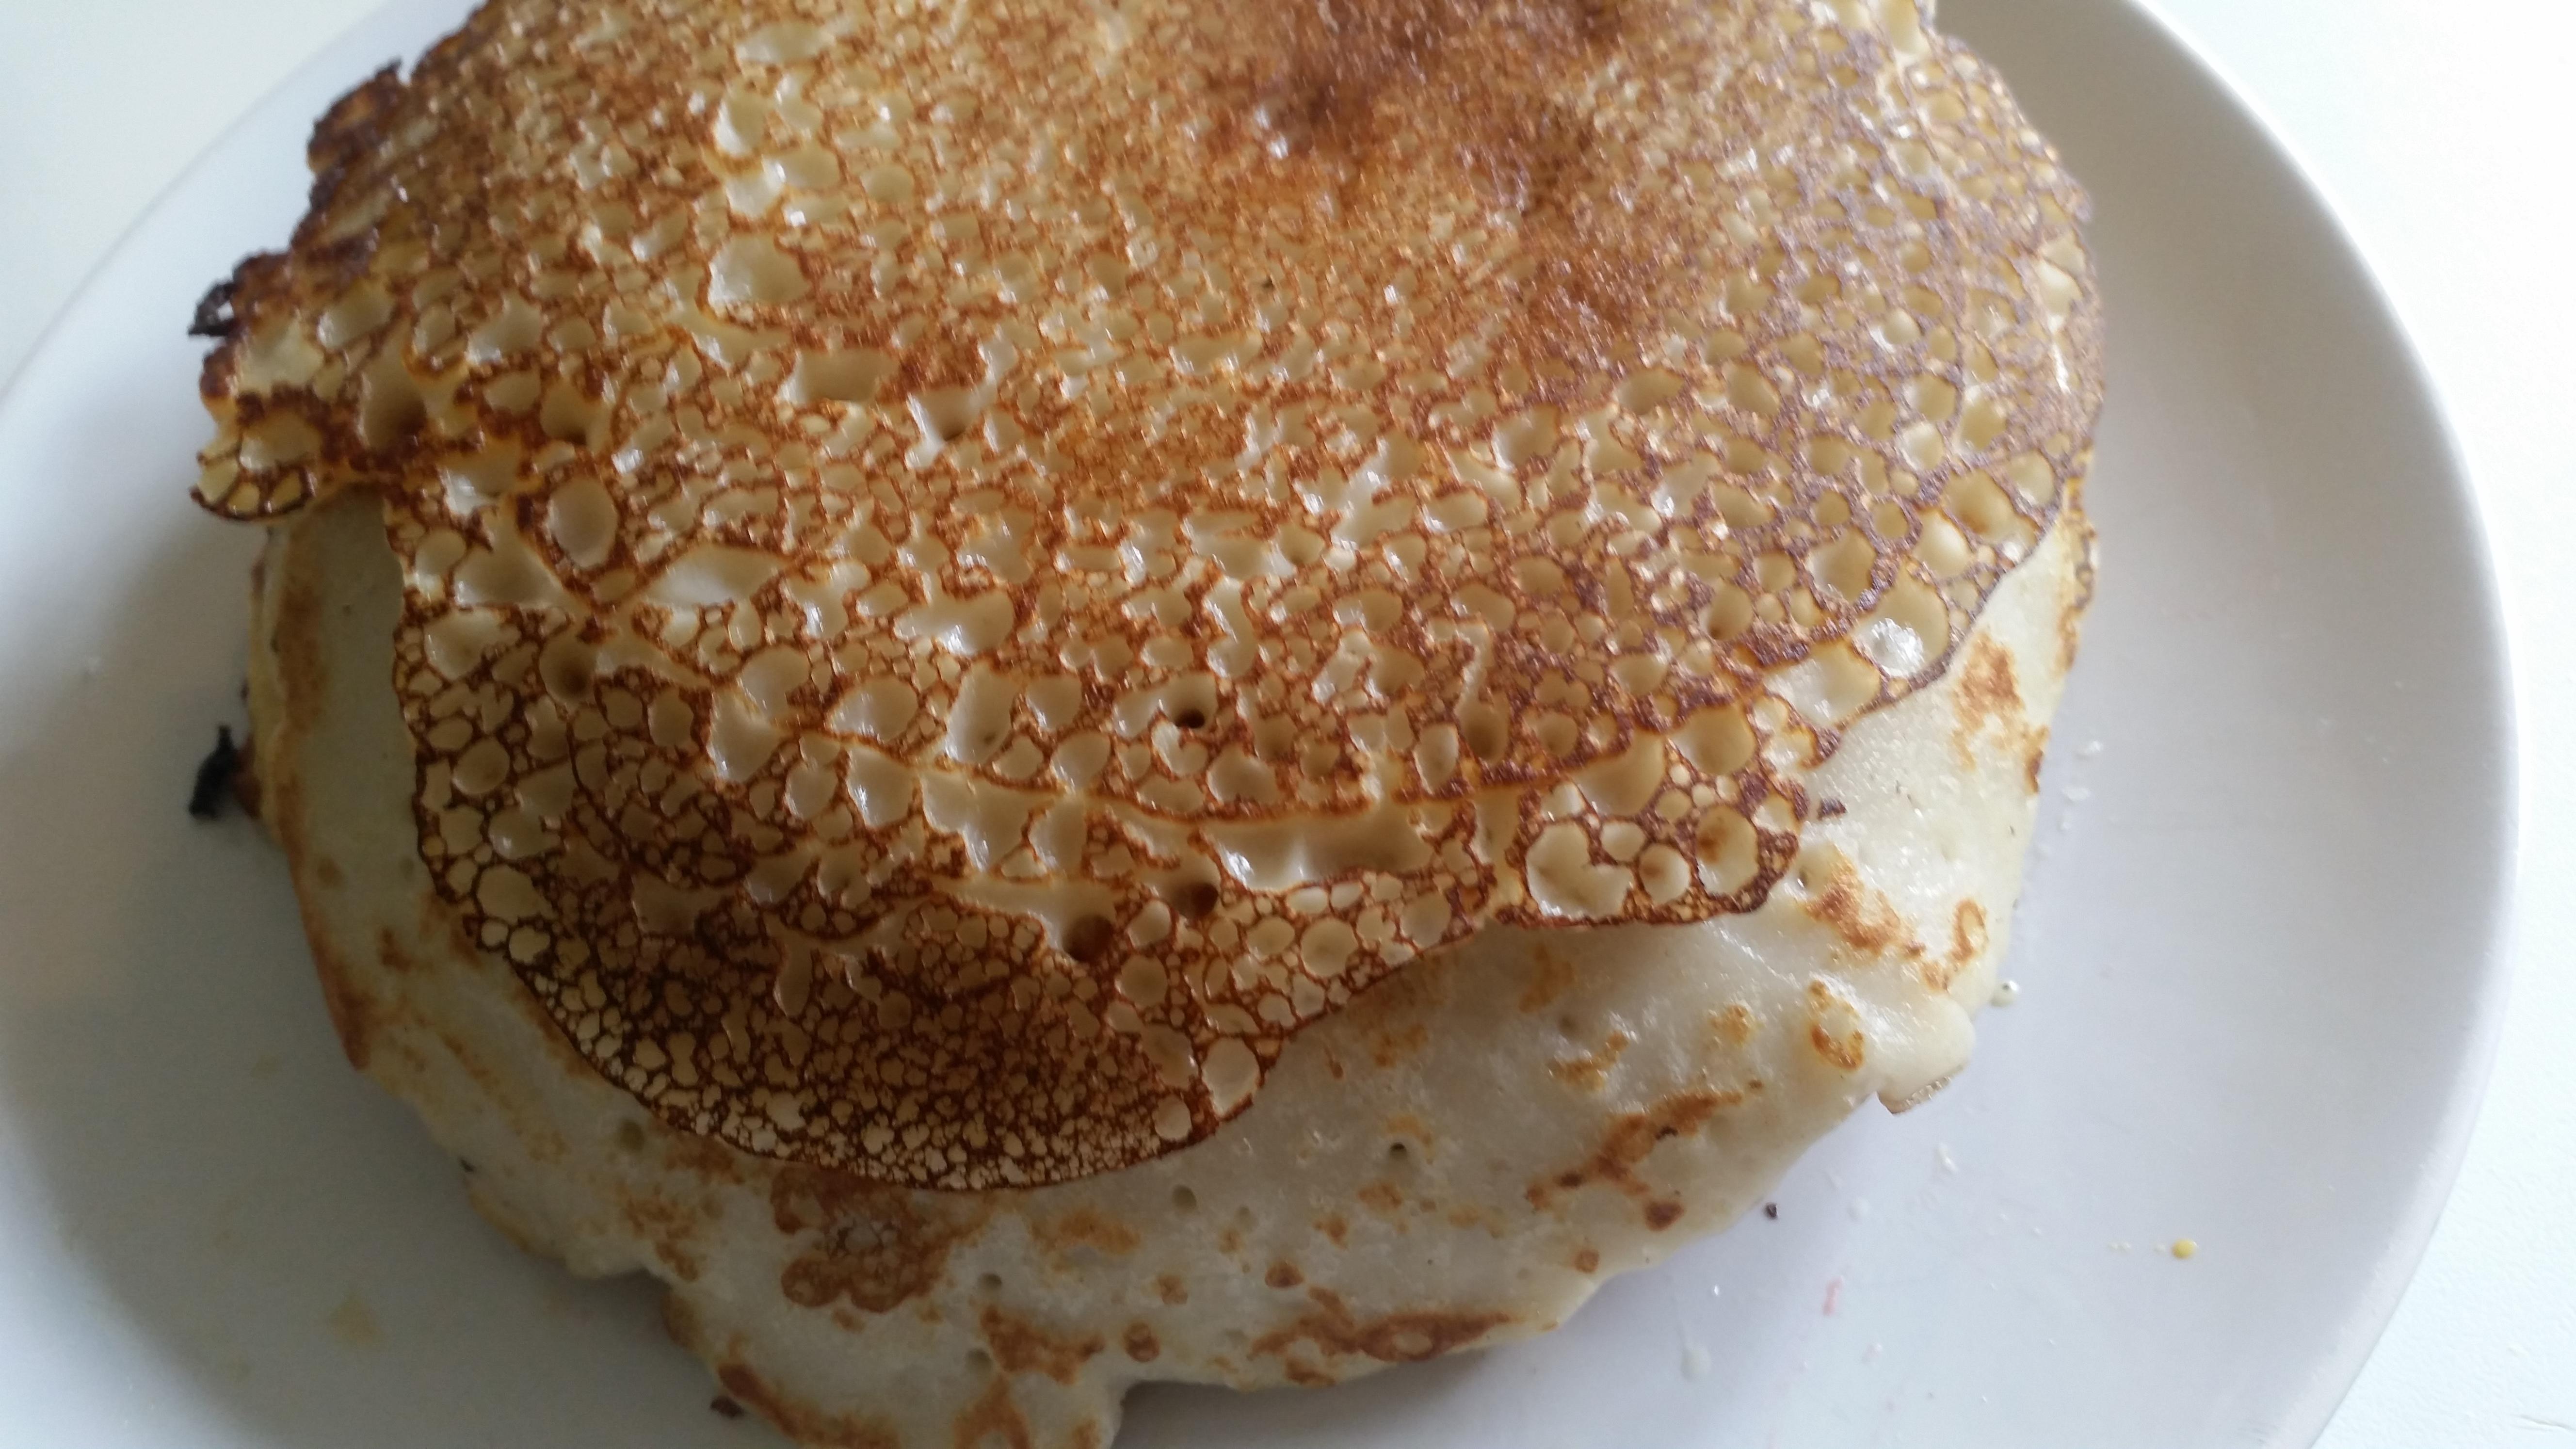 5-16-pannenkoeken-stapel-appelstroop-cocos-kokos-garnering-zonder-melk-zonder-ei-lekker-gezond-snack-ontbijt-lunch